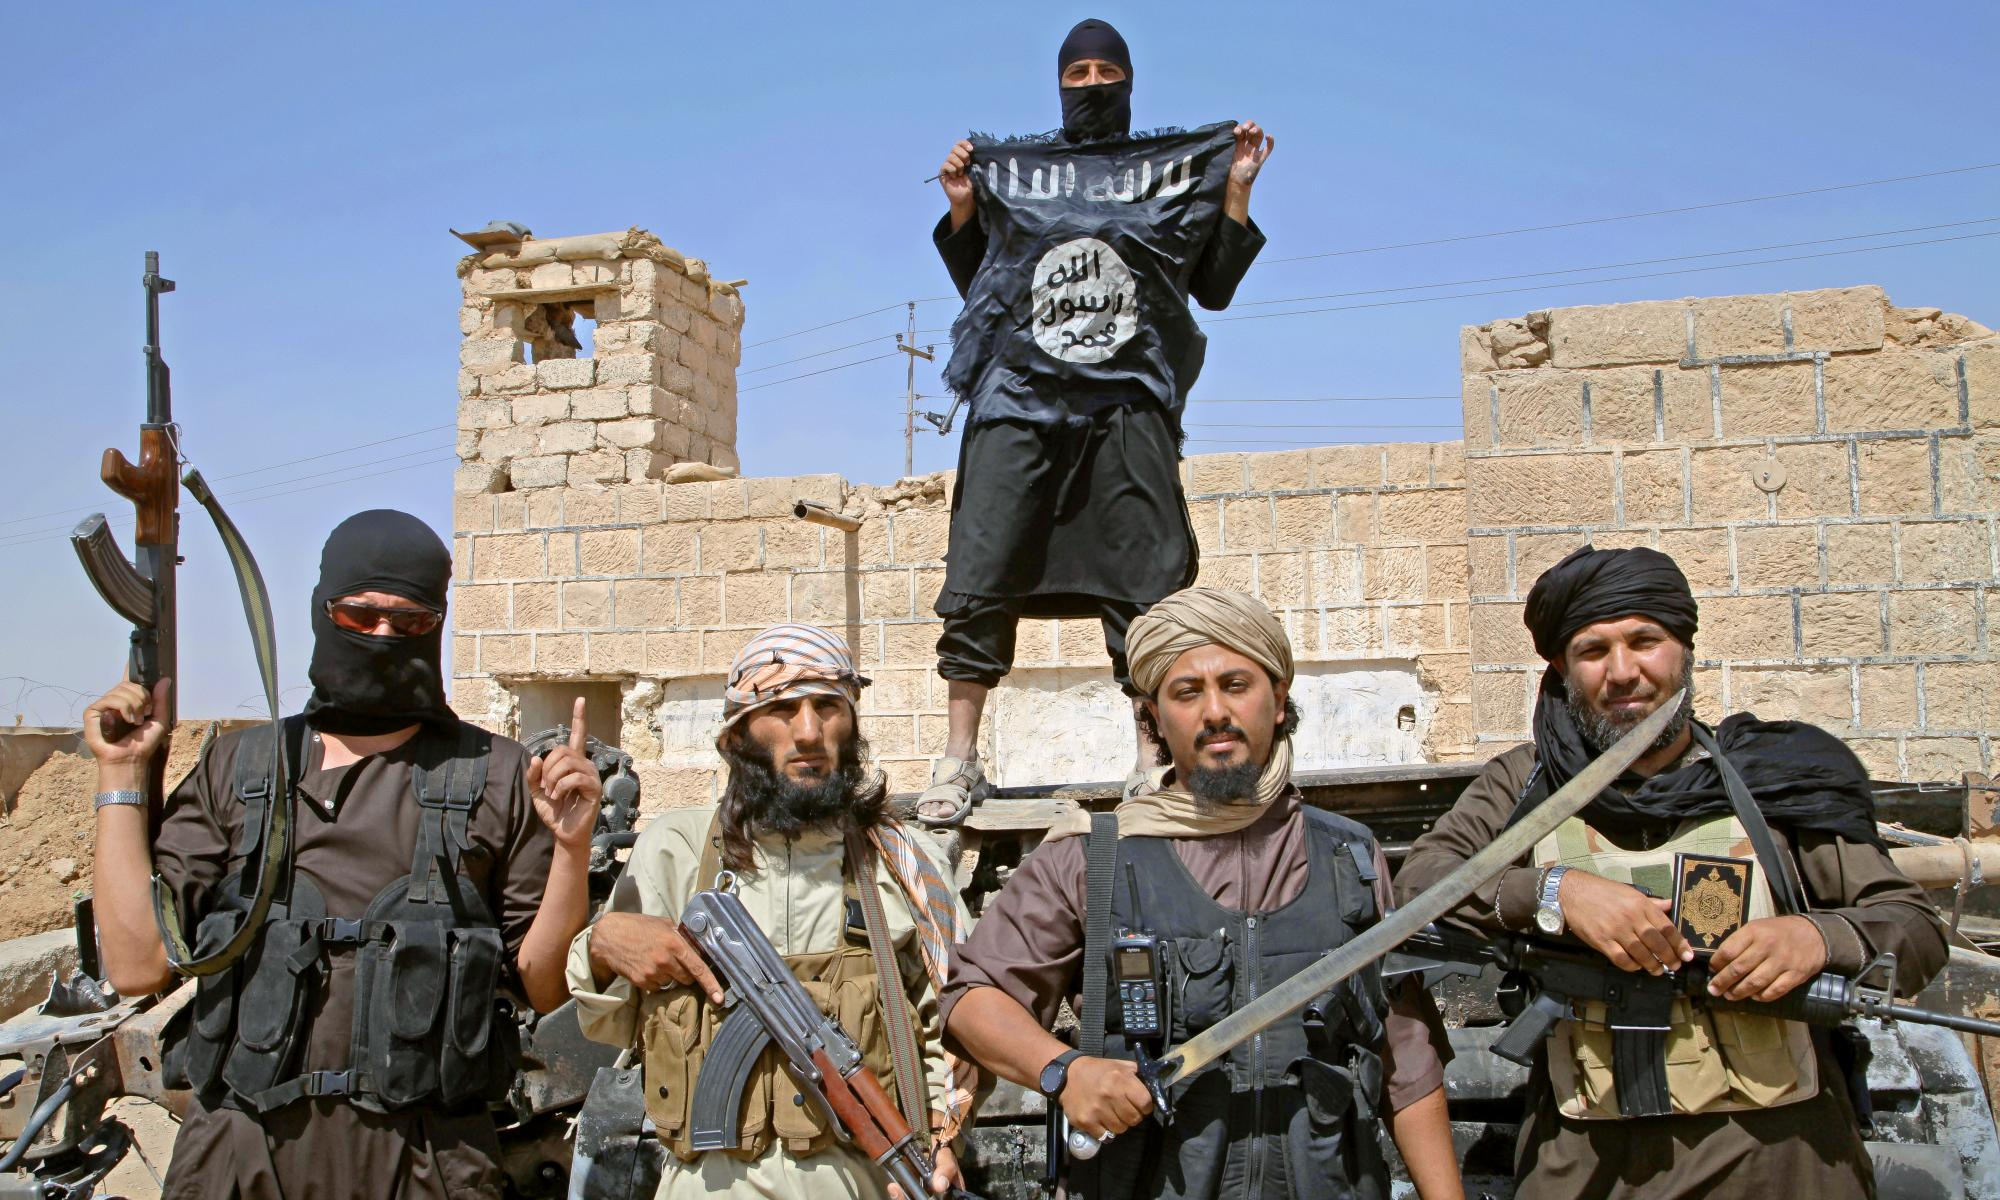 сомали представлены картинки с боевиками лет